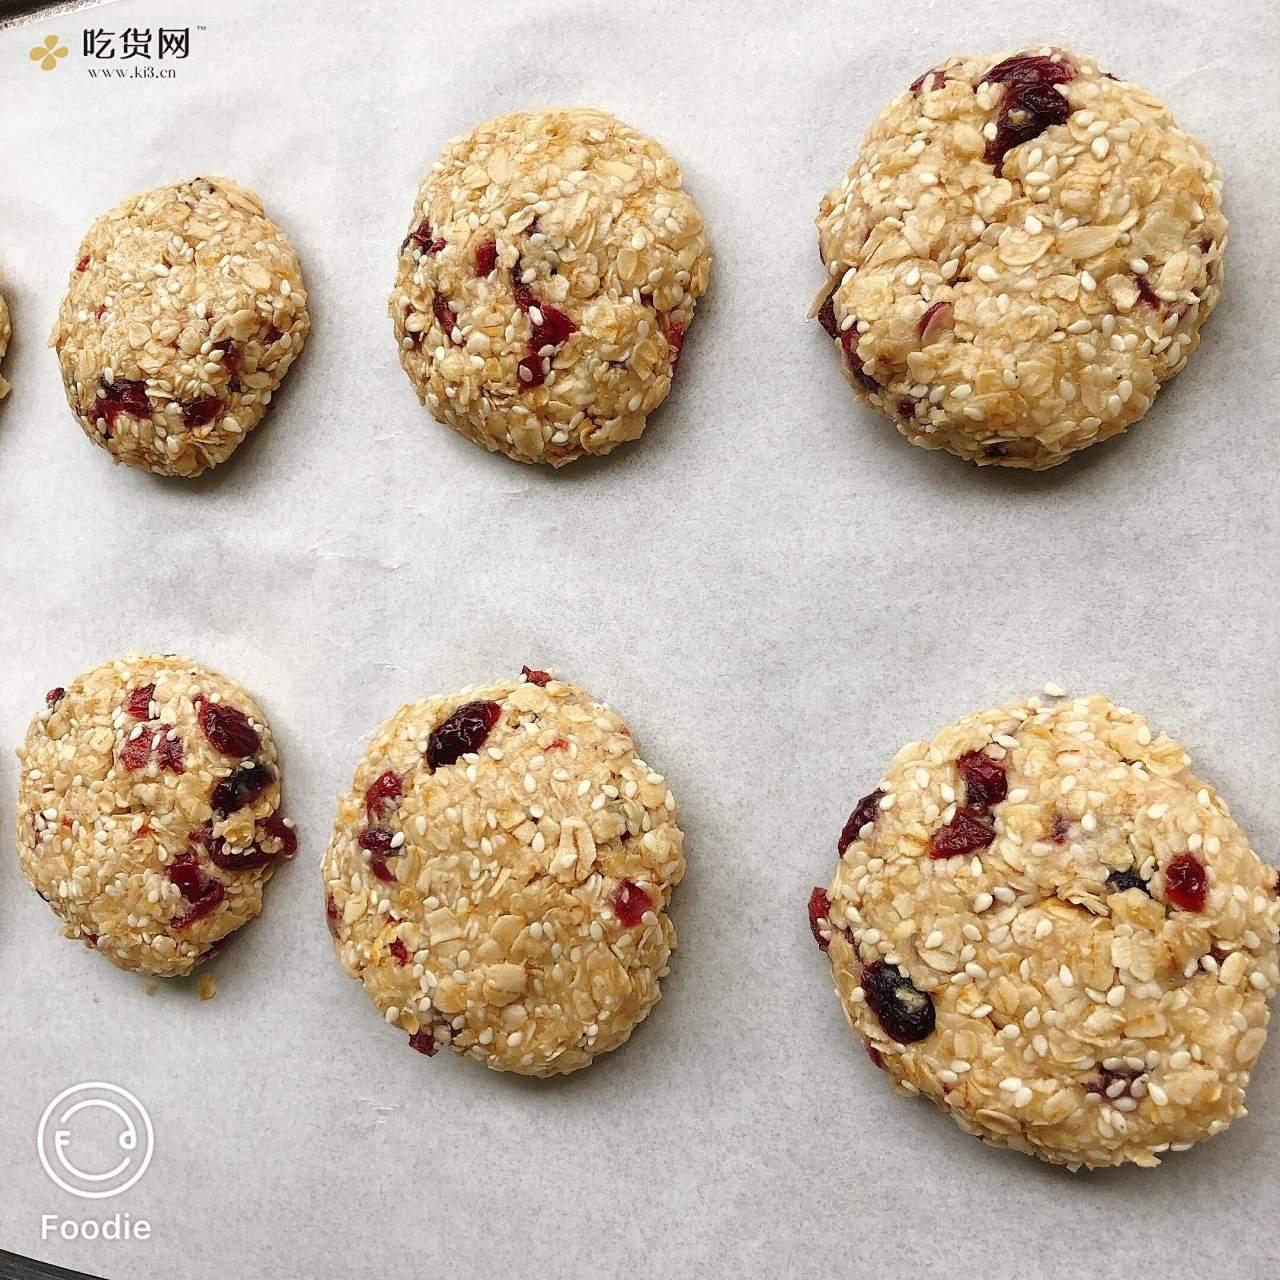 低卡零食 蜂蜜柠檬燕麦饼干的做法 步骤7